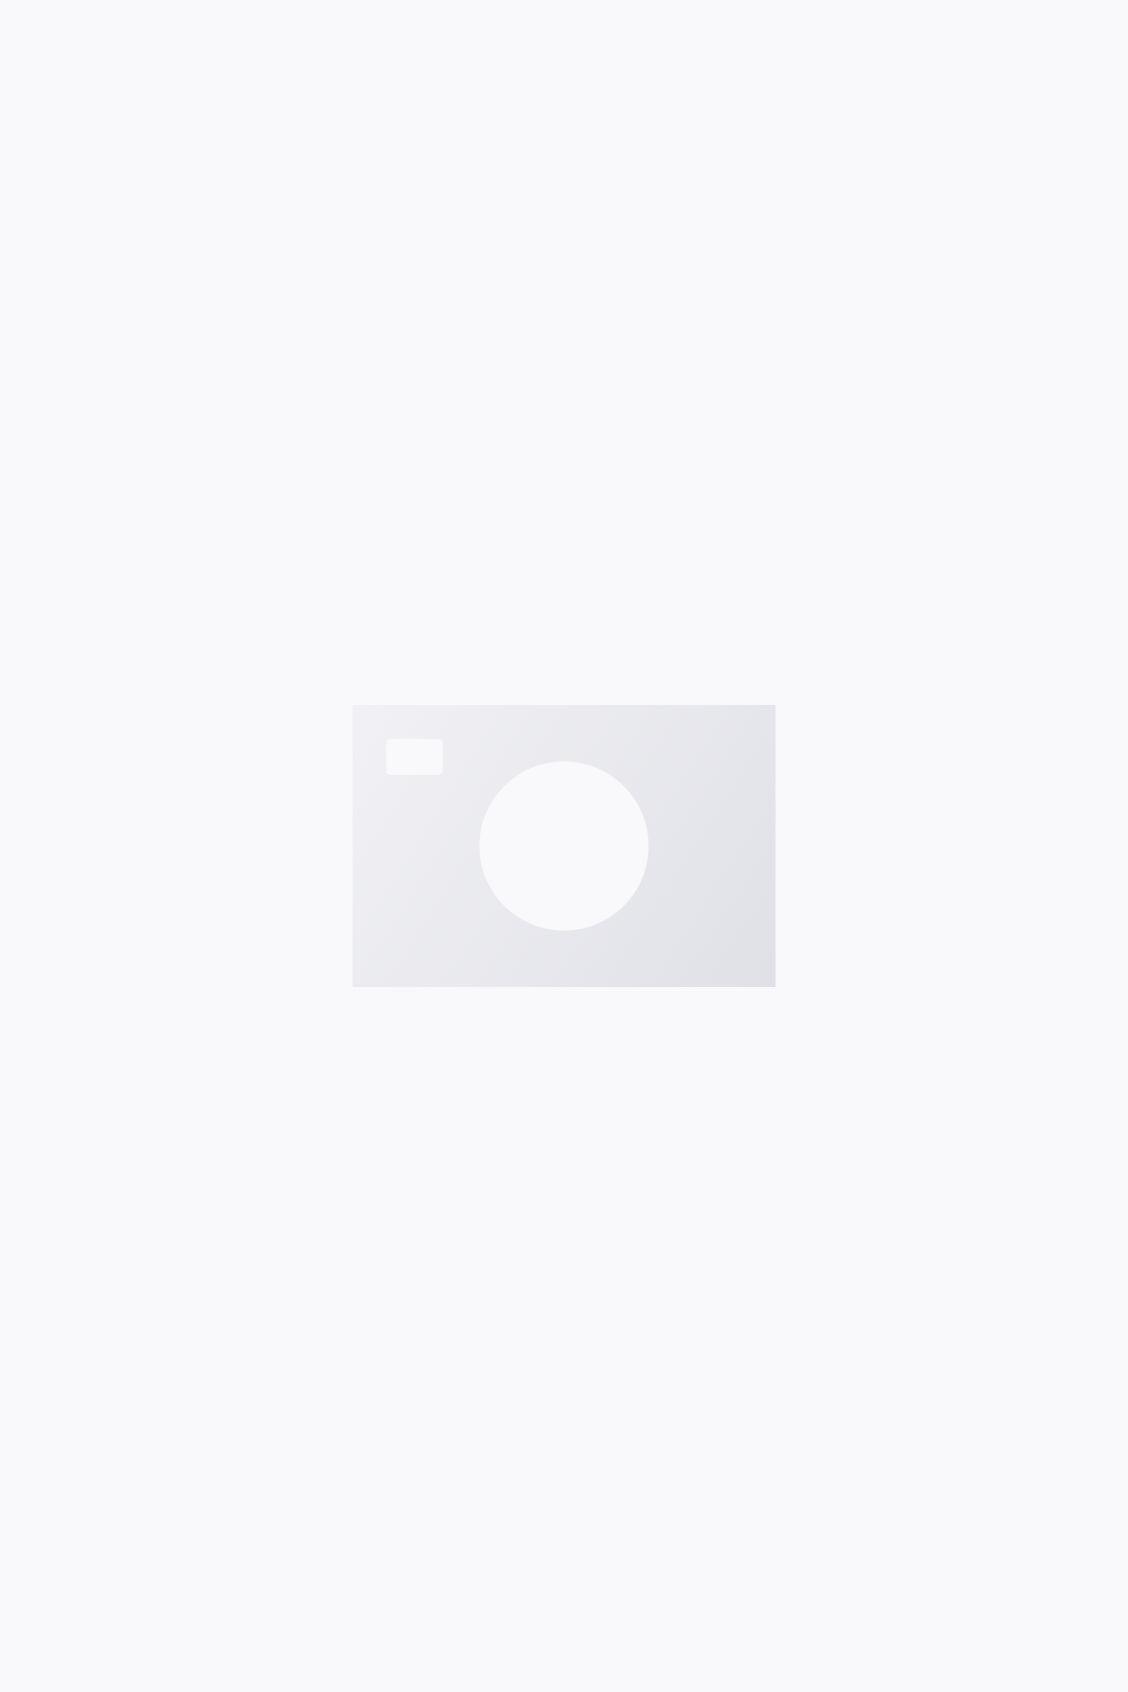 코스 트렌치 코트 COS BELTED TRENCH COAT,black